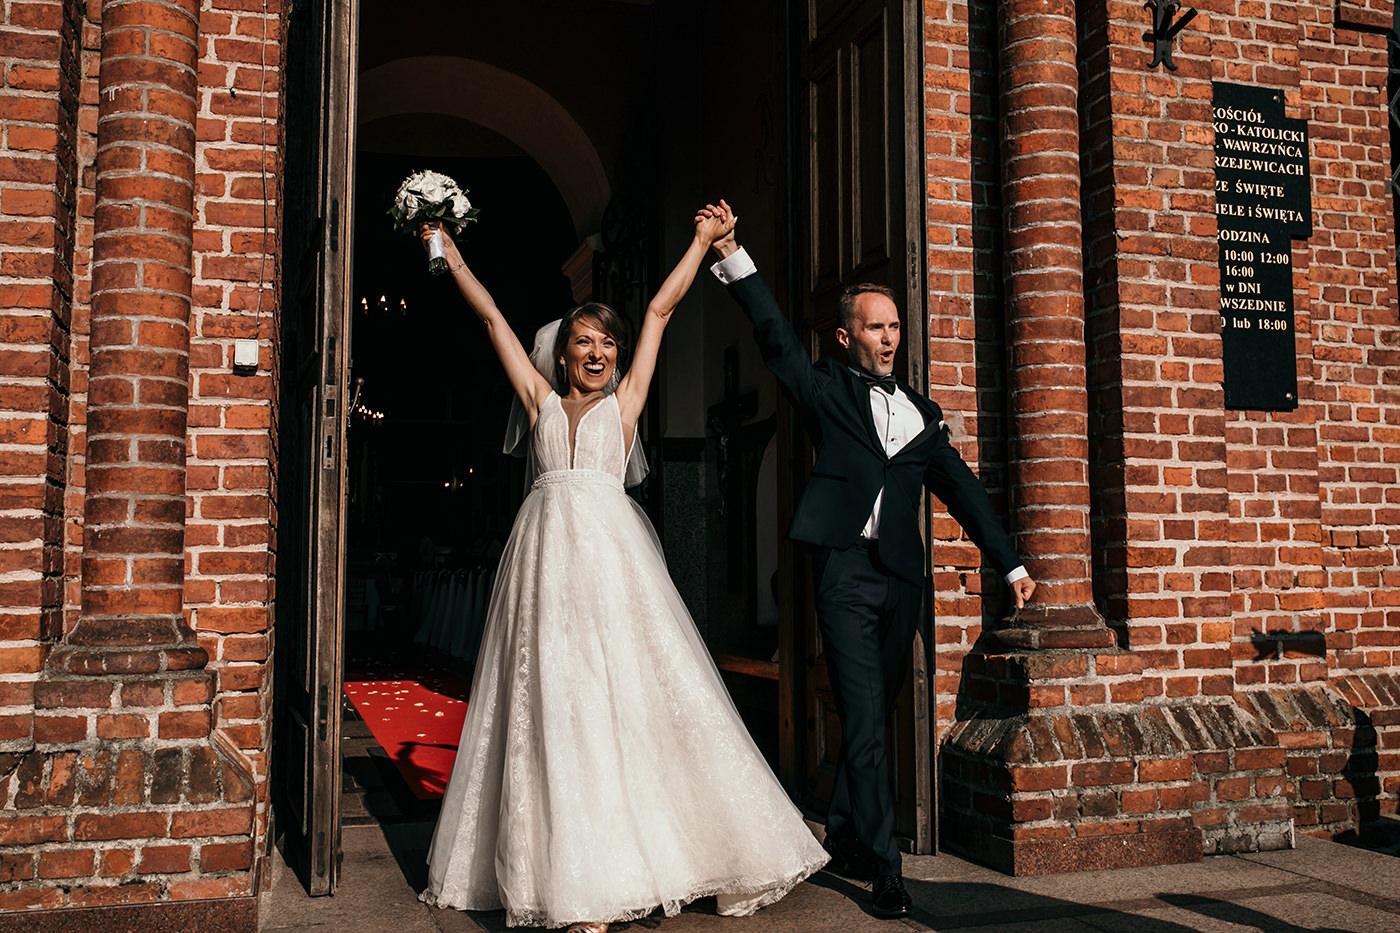 Rustykalne wesele - Magnoliowy Dwór 60